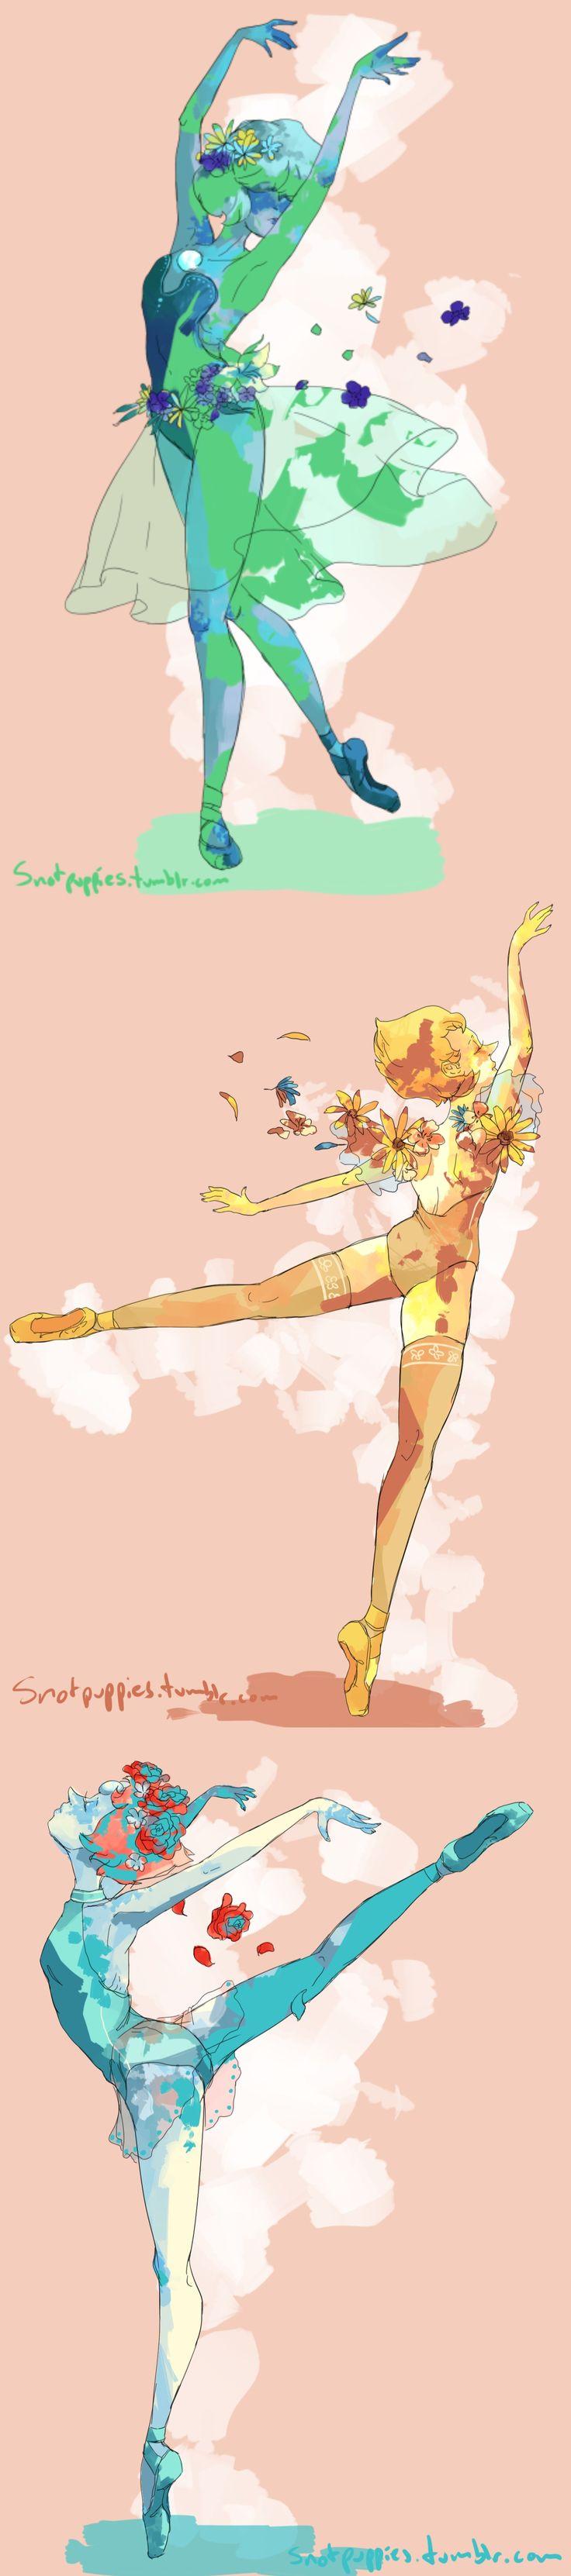 O balé é a única coisa que une os inimigos... Ok, isso é esquisito!